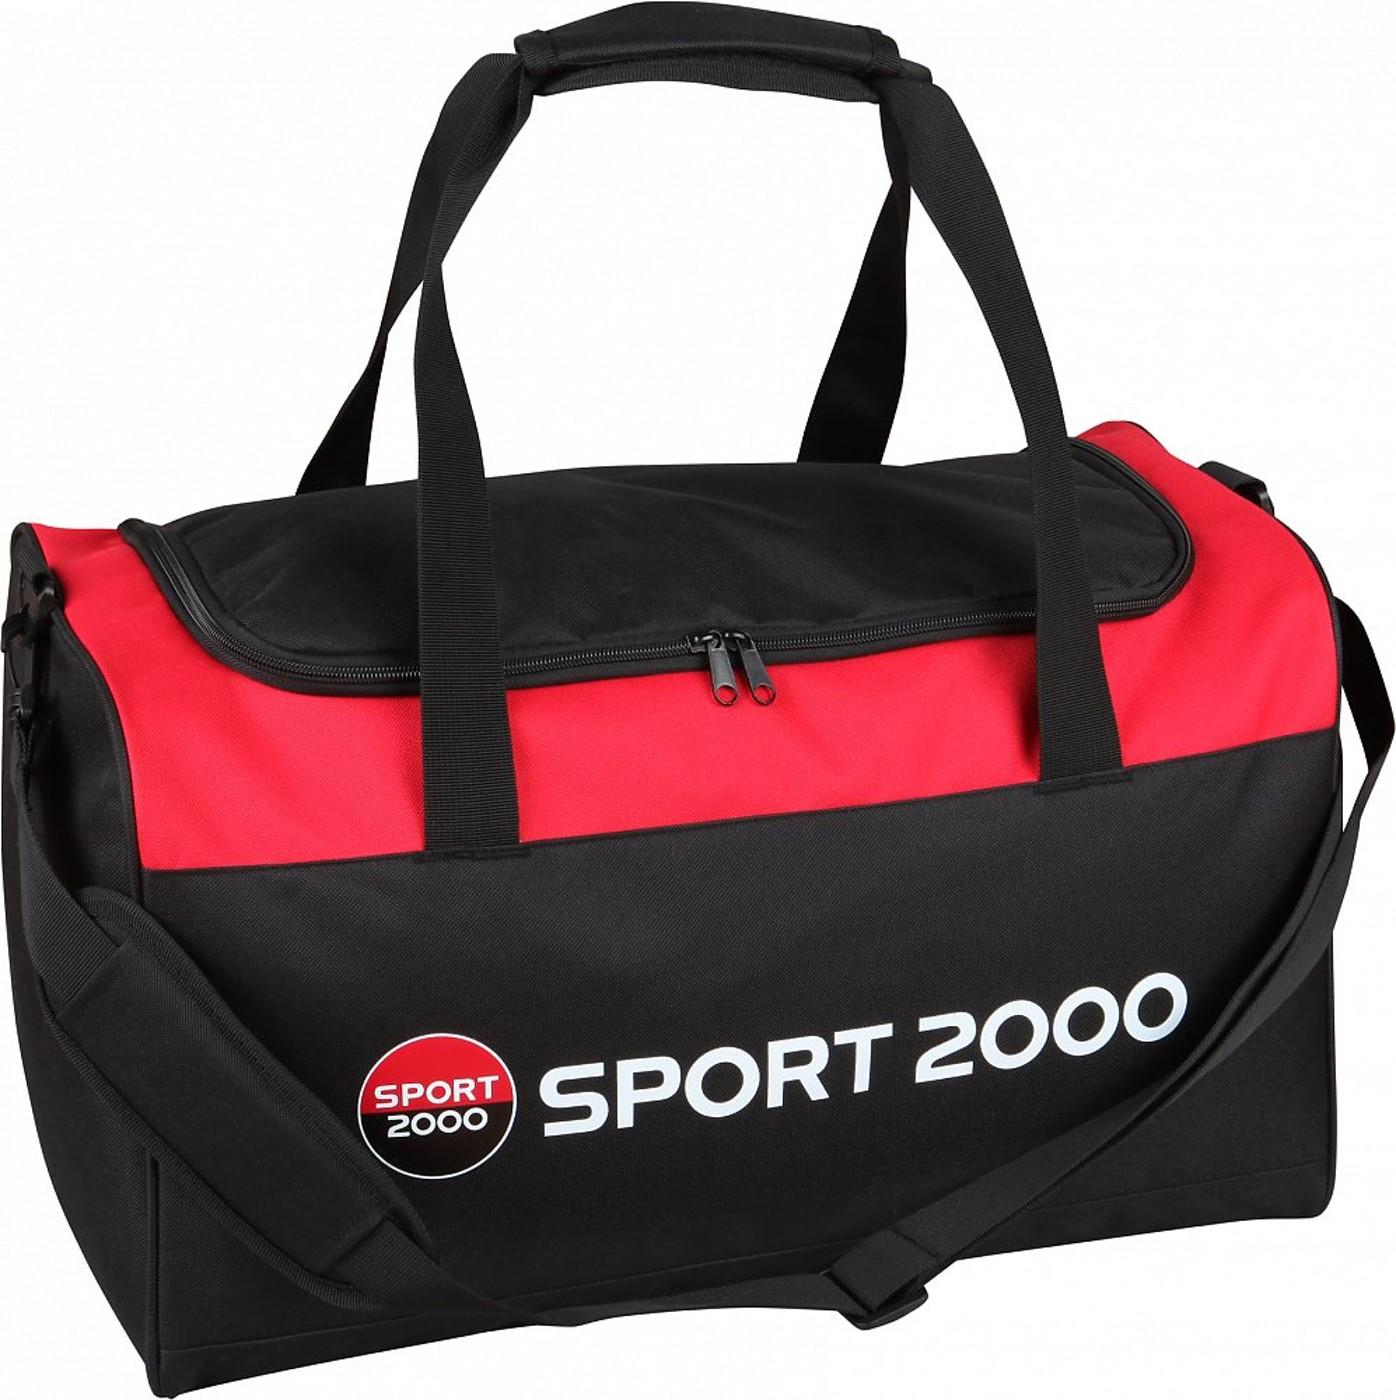 SPORT 2000 PROMOTION TEAM BAG